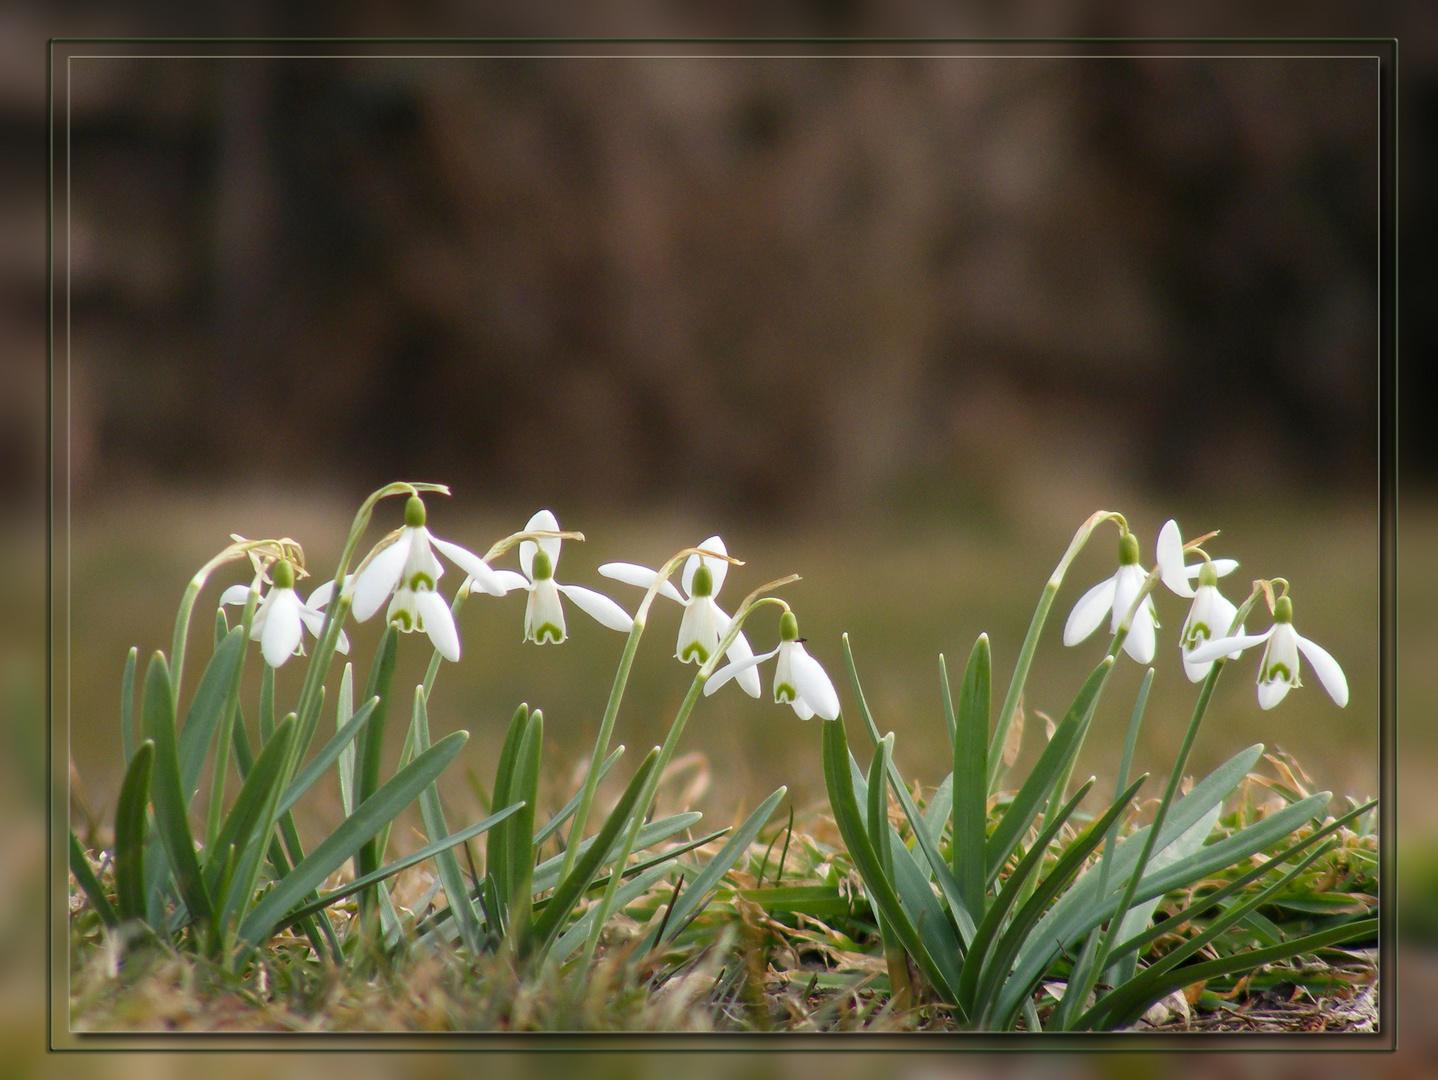 Der Frühling ist da - Schneeglöckchen